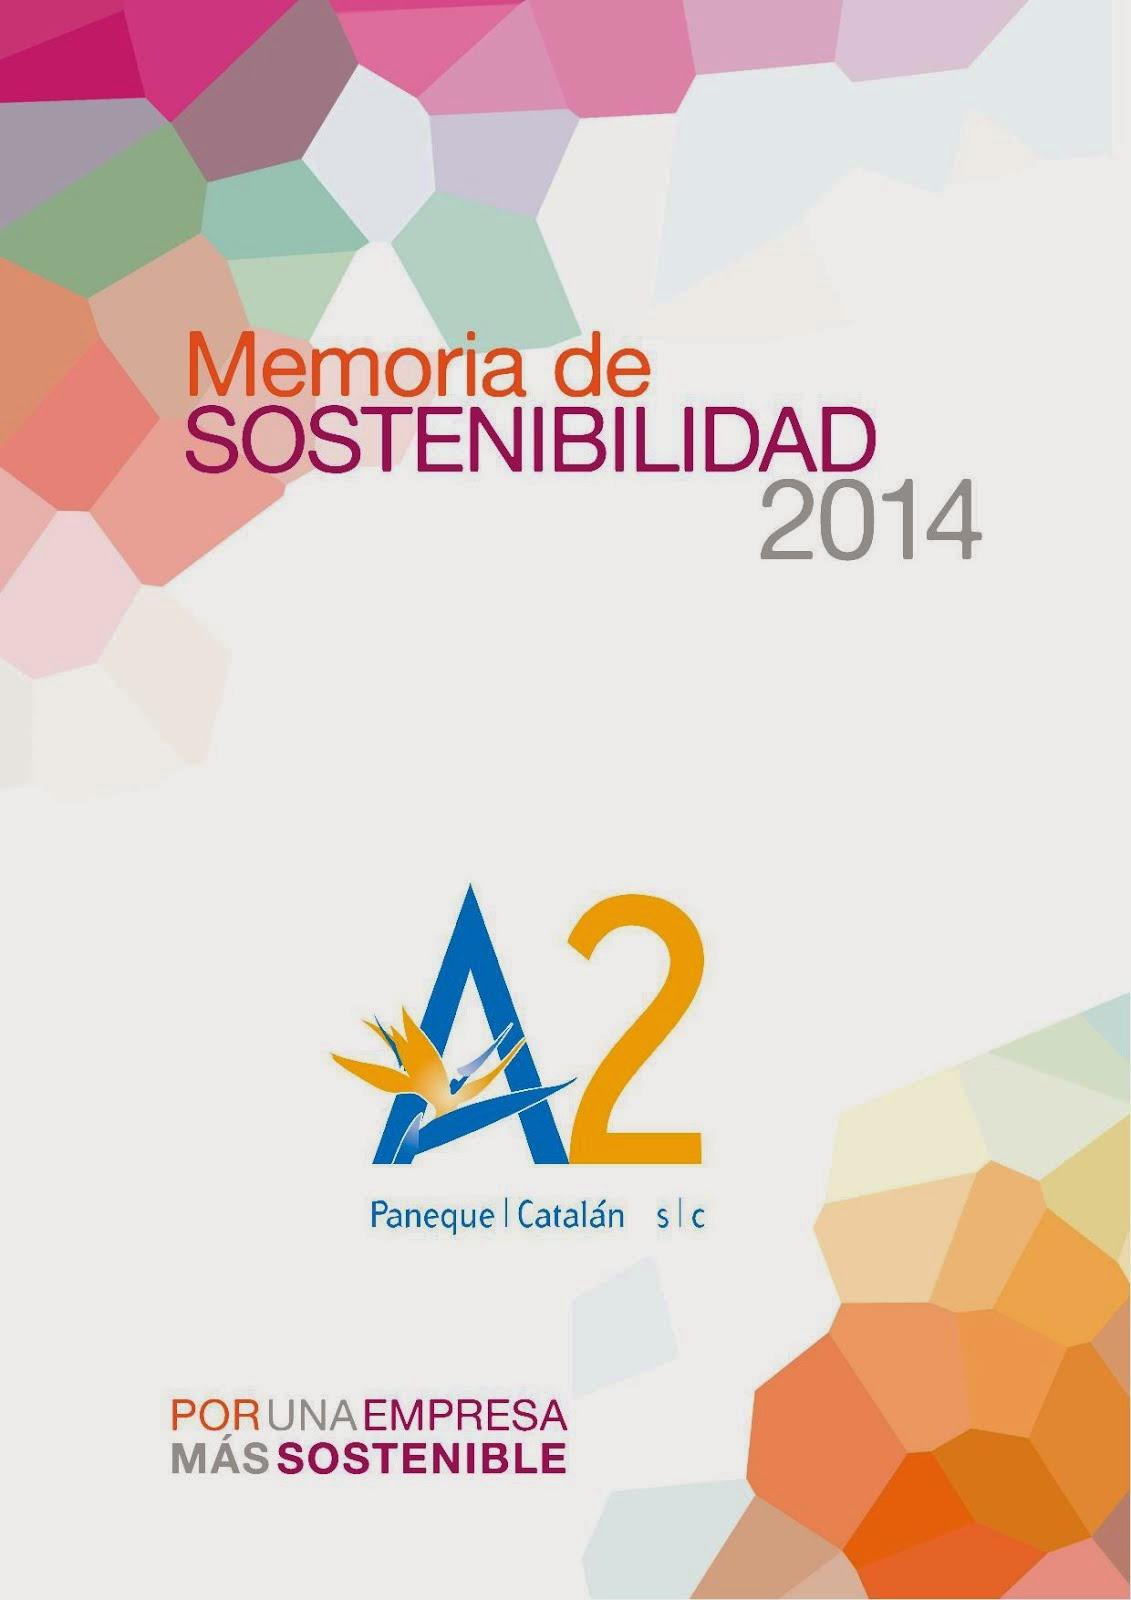 Memoria de Sostenibilidad 2014